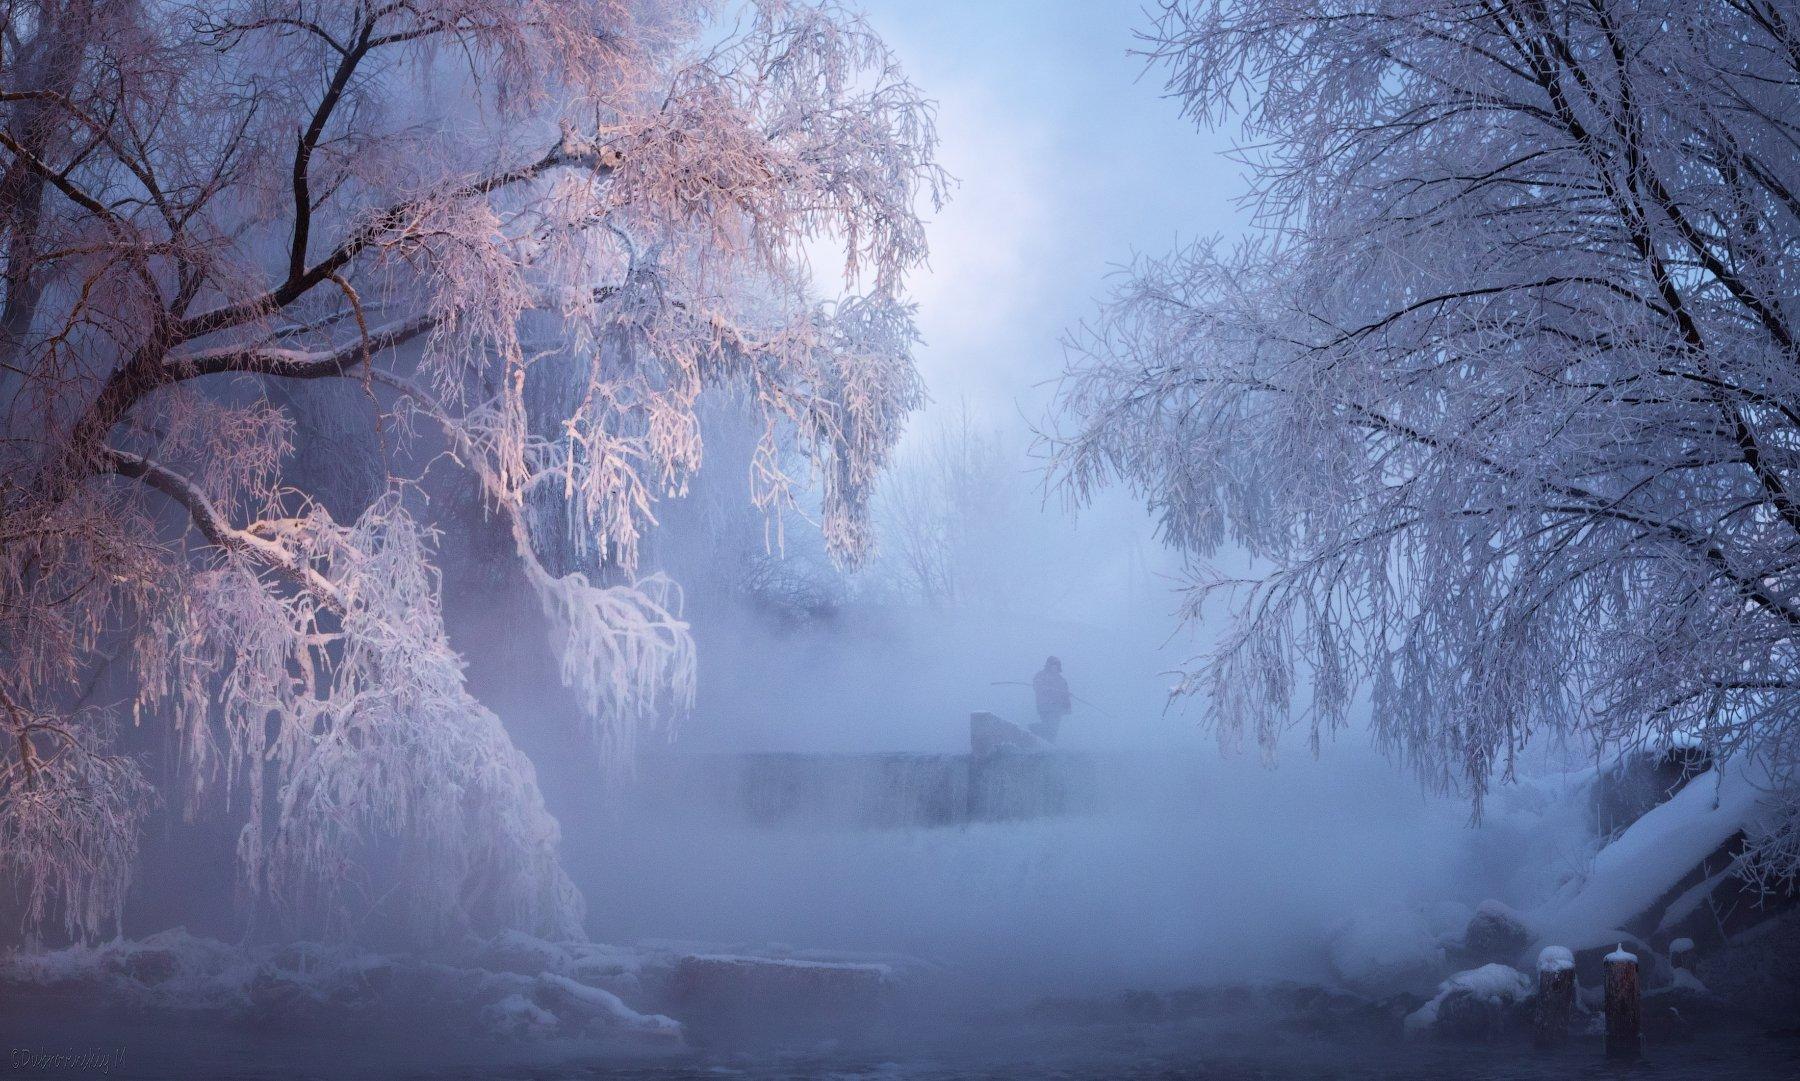 листвянка, река, рыбак, зима, мороз, туман, рязанская область, Михаил Дубровинский